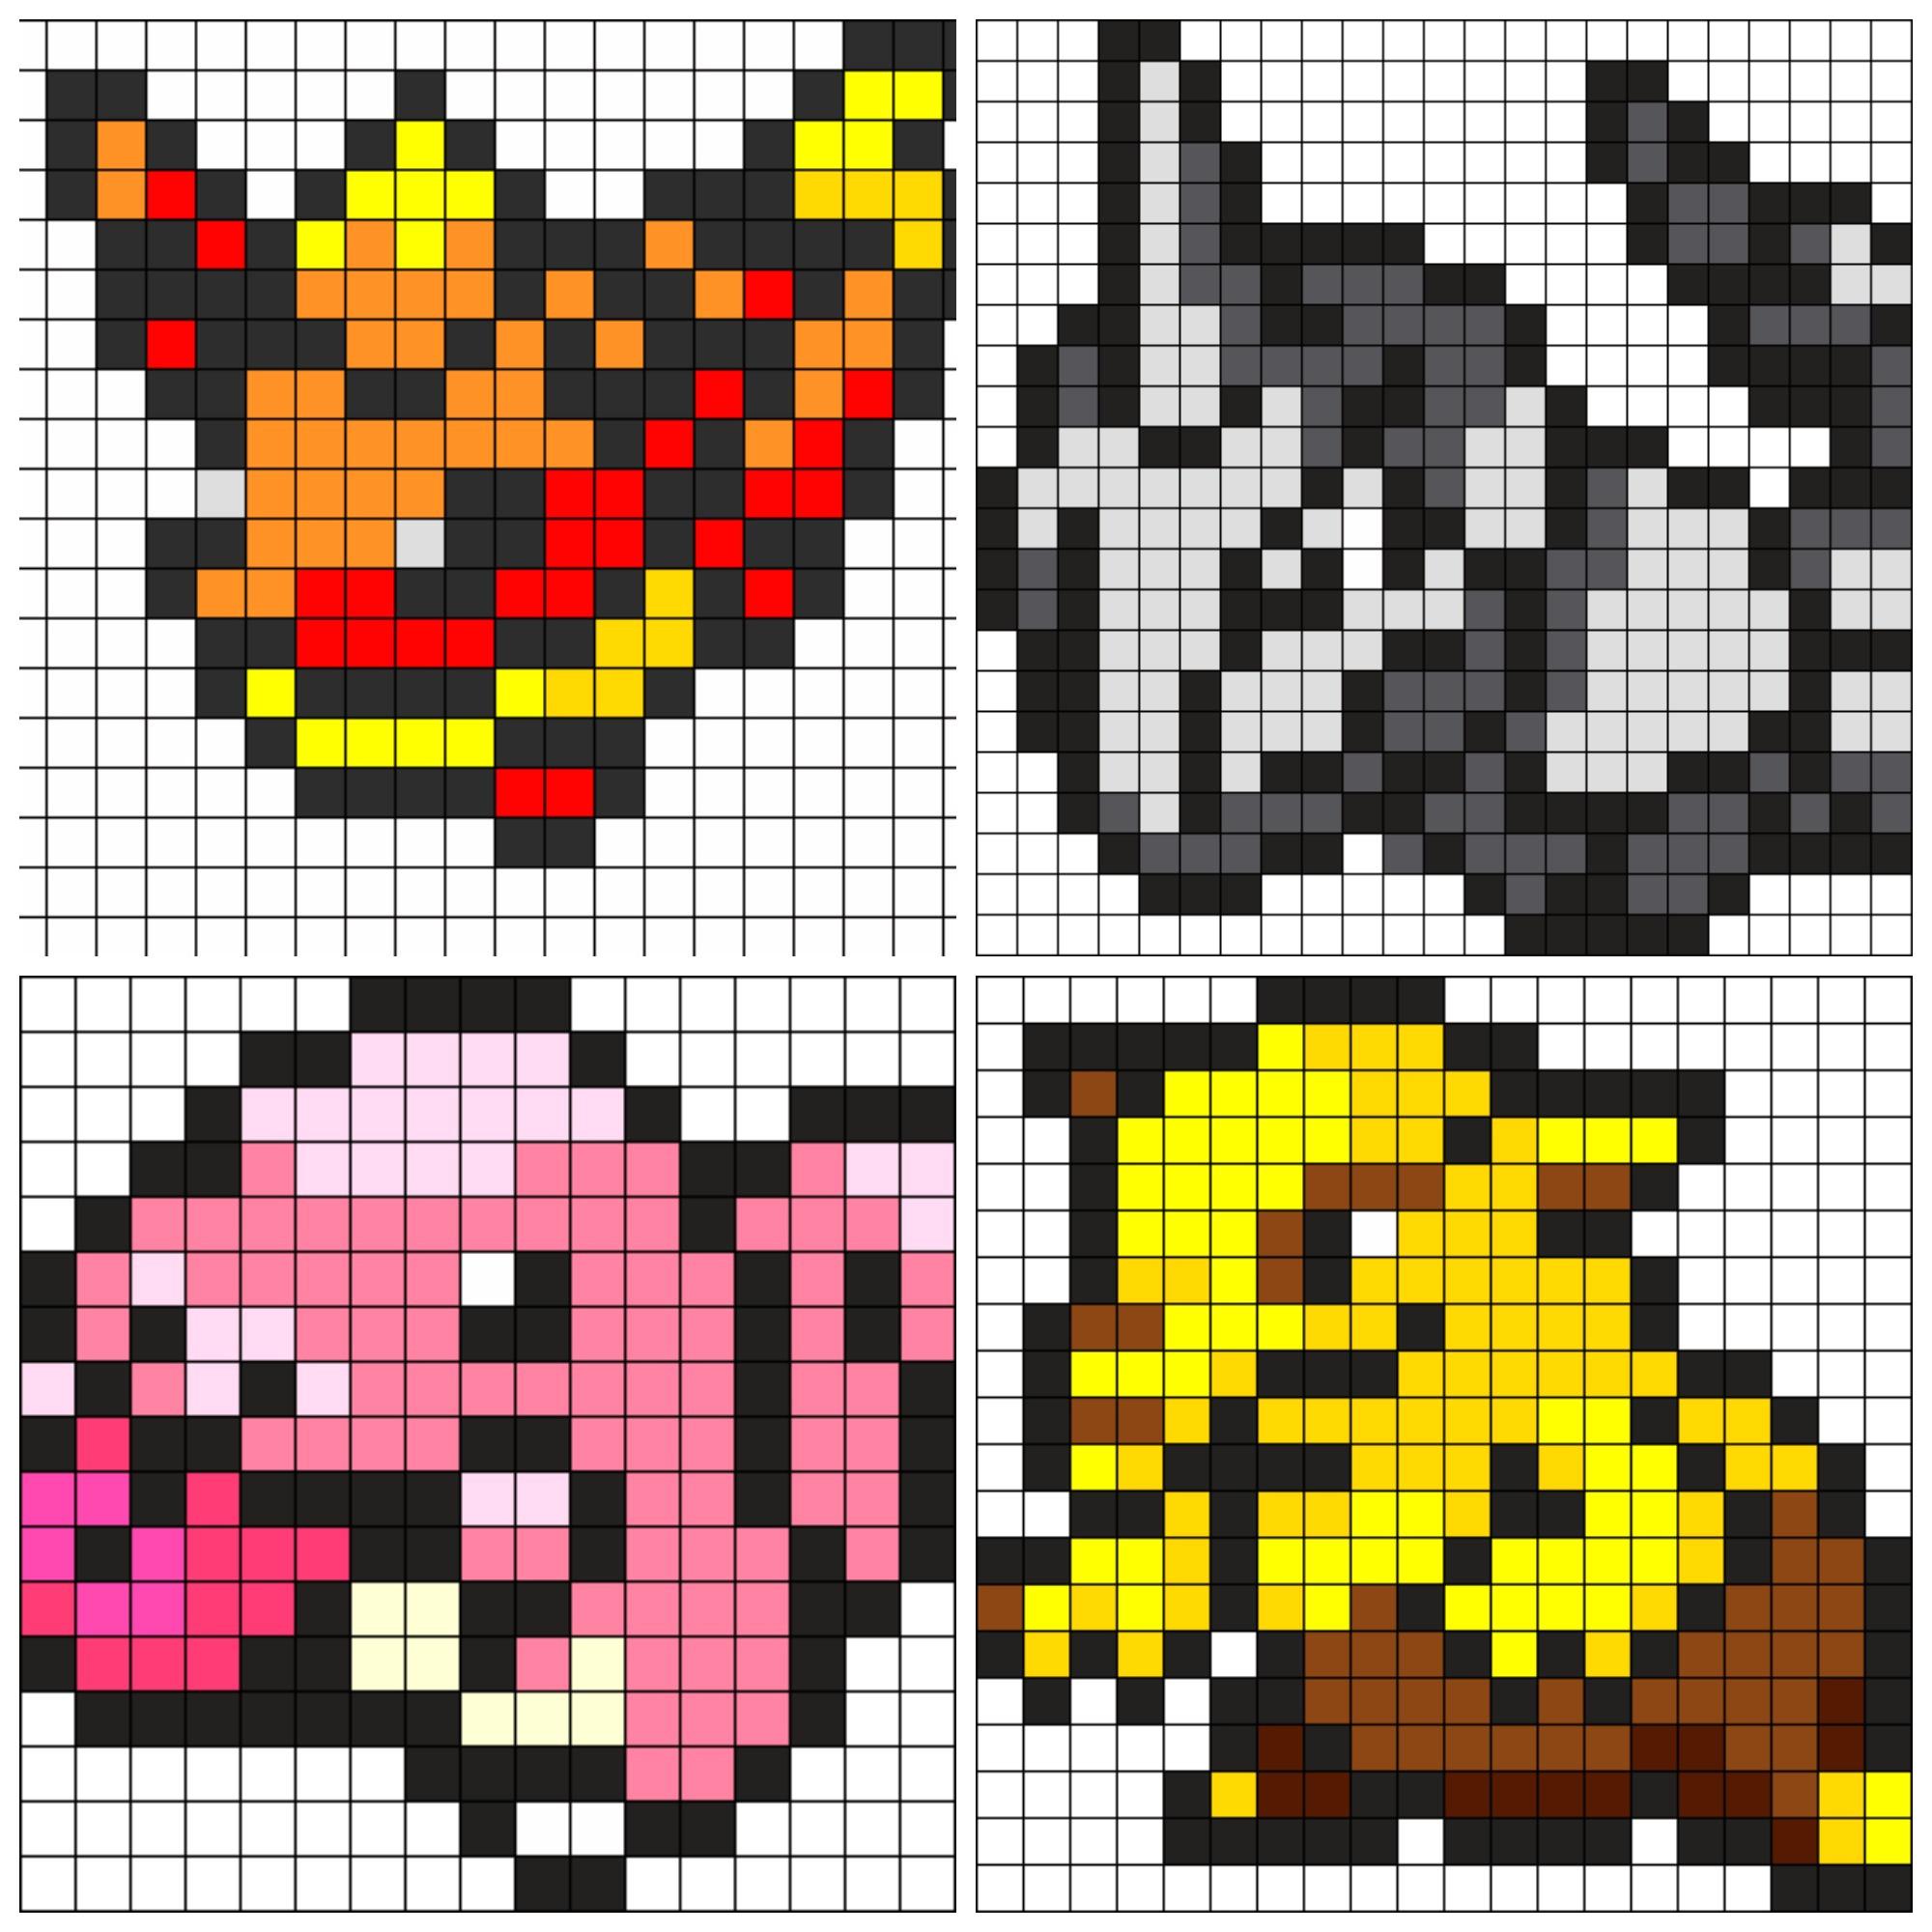 Pokemon Perler Bead Template Pokemon Go Perler Bead Patterns